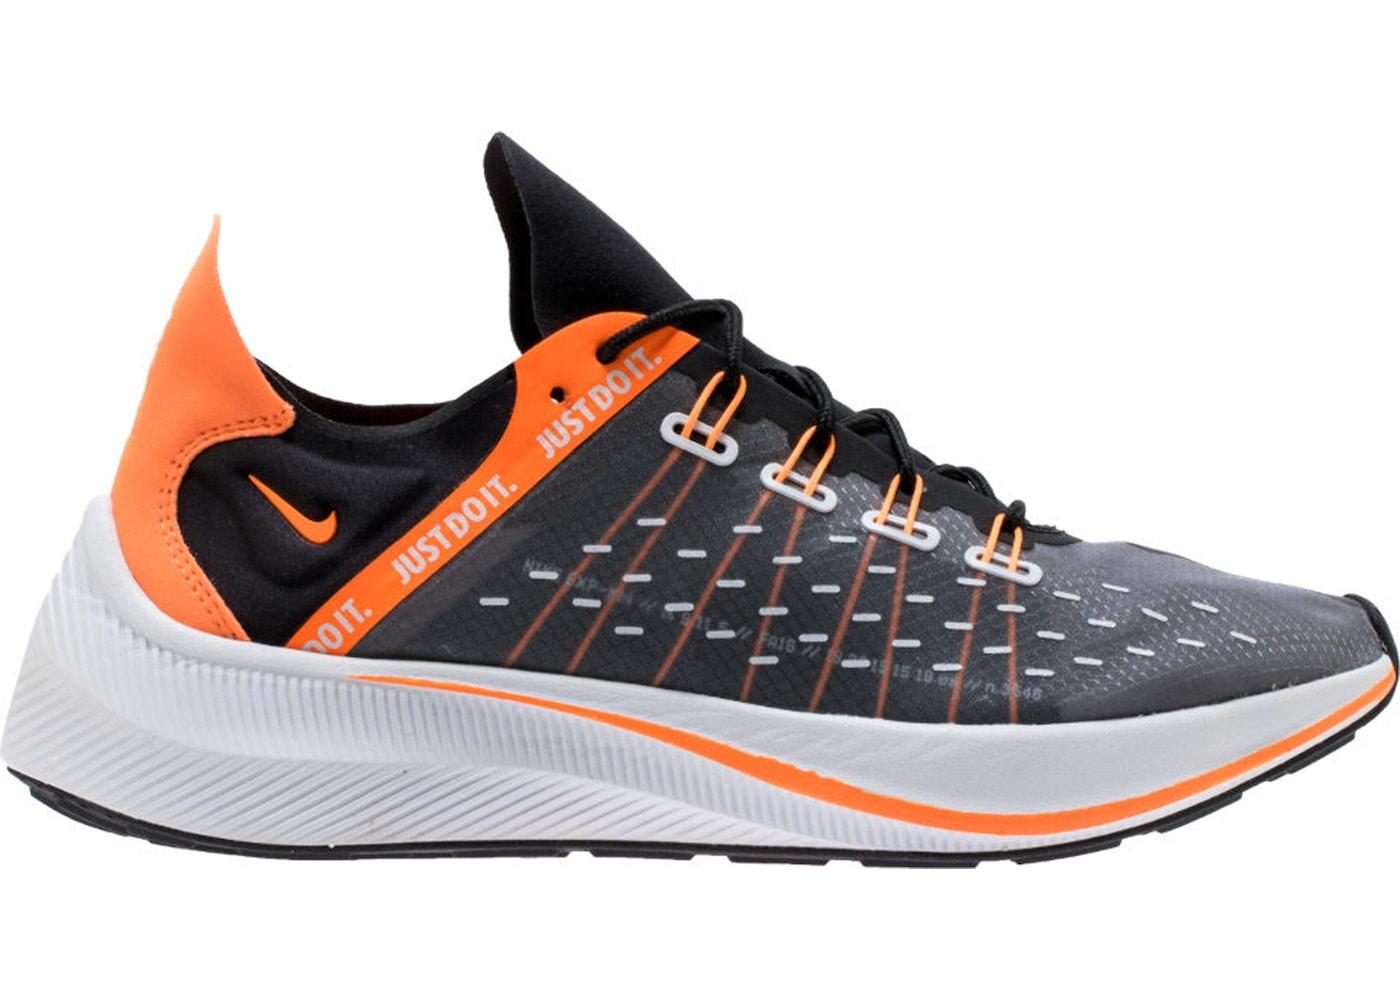 89621d8e3fec Nike EXP-X14 Just Do It Pack Black - AO3095-001